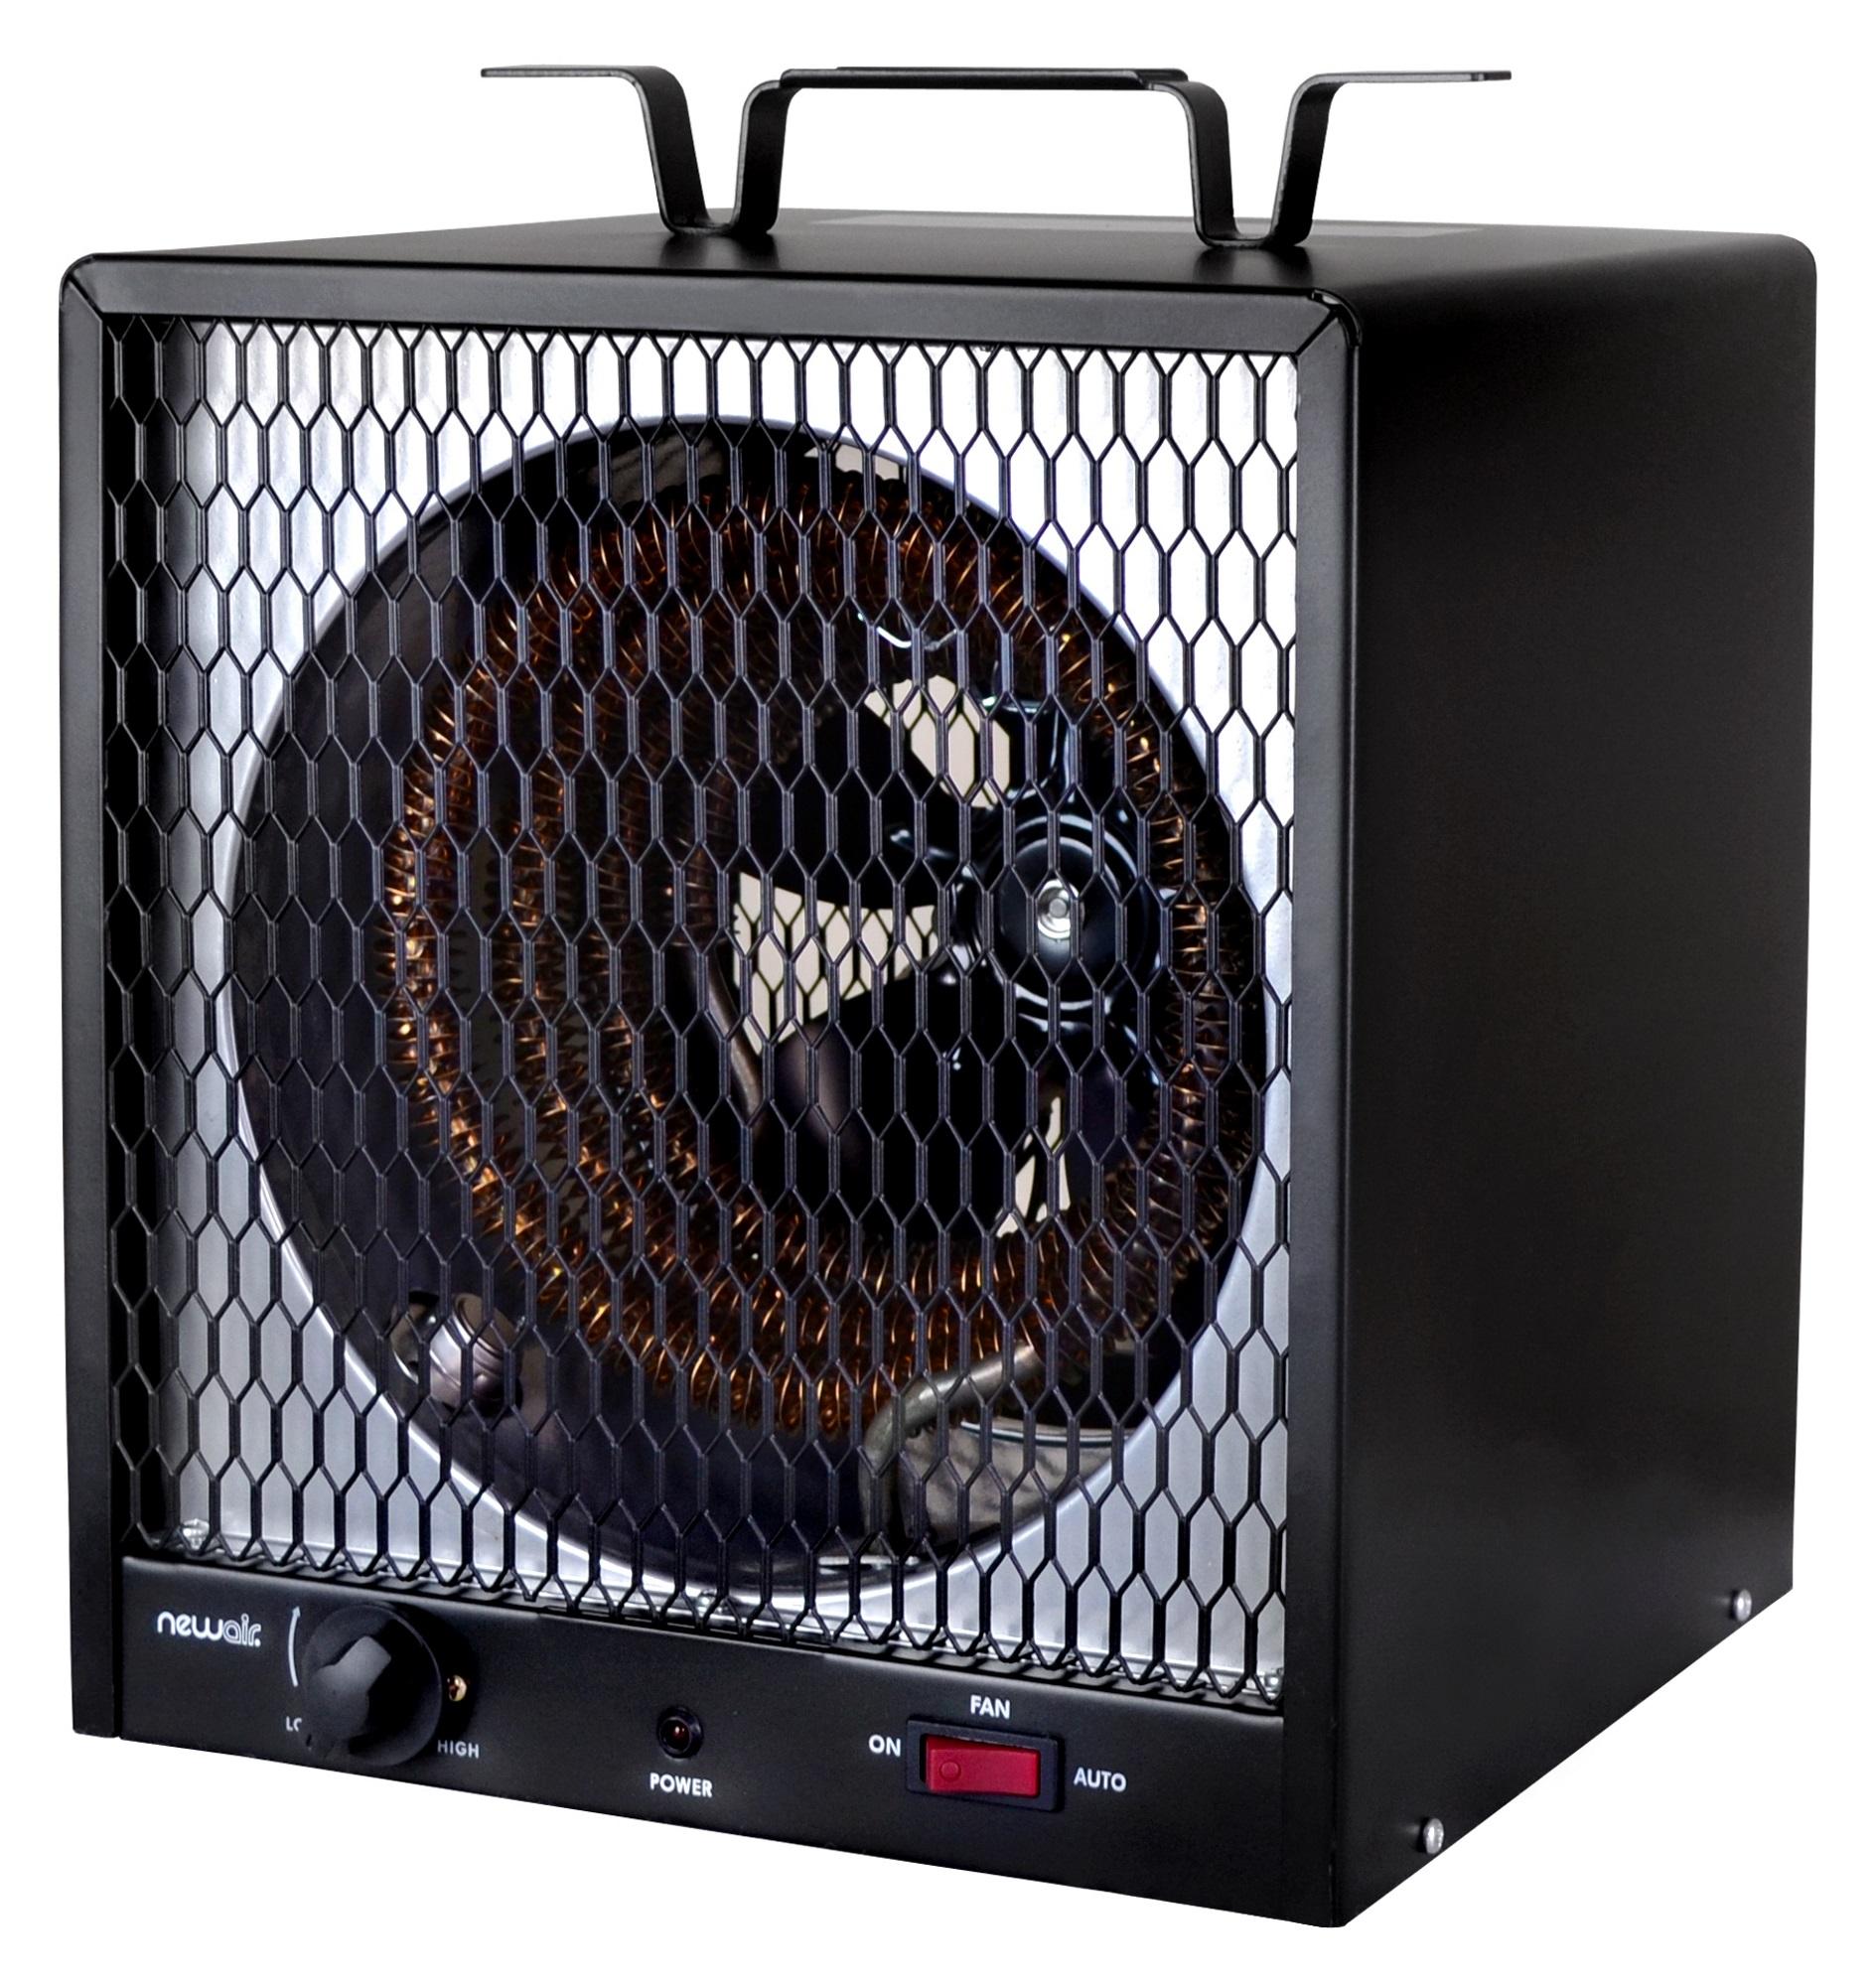 NewAir 5600 Watt Garage Heater